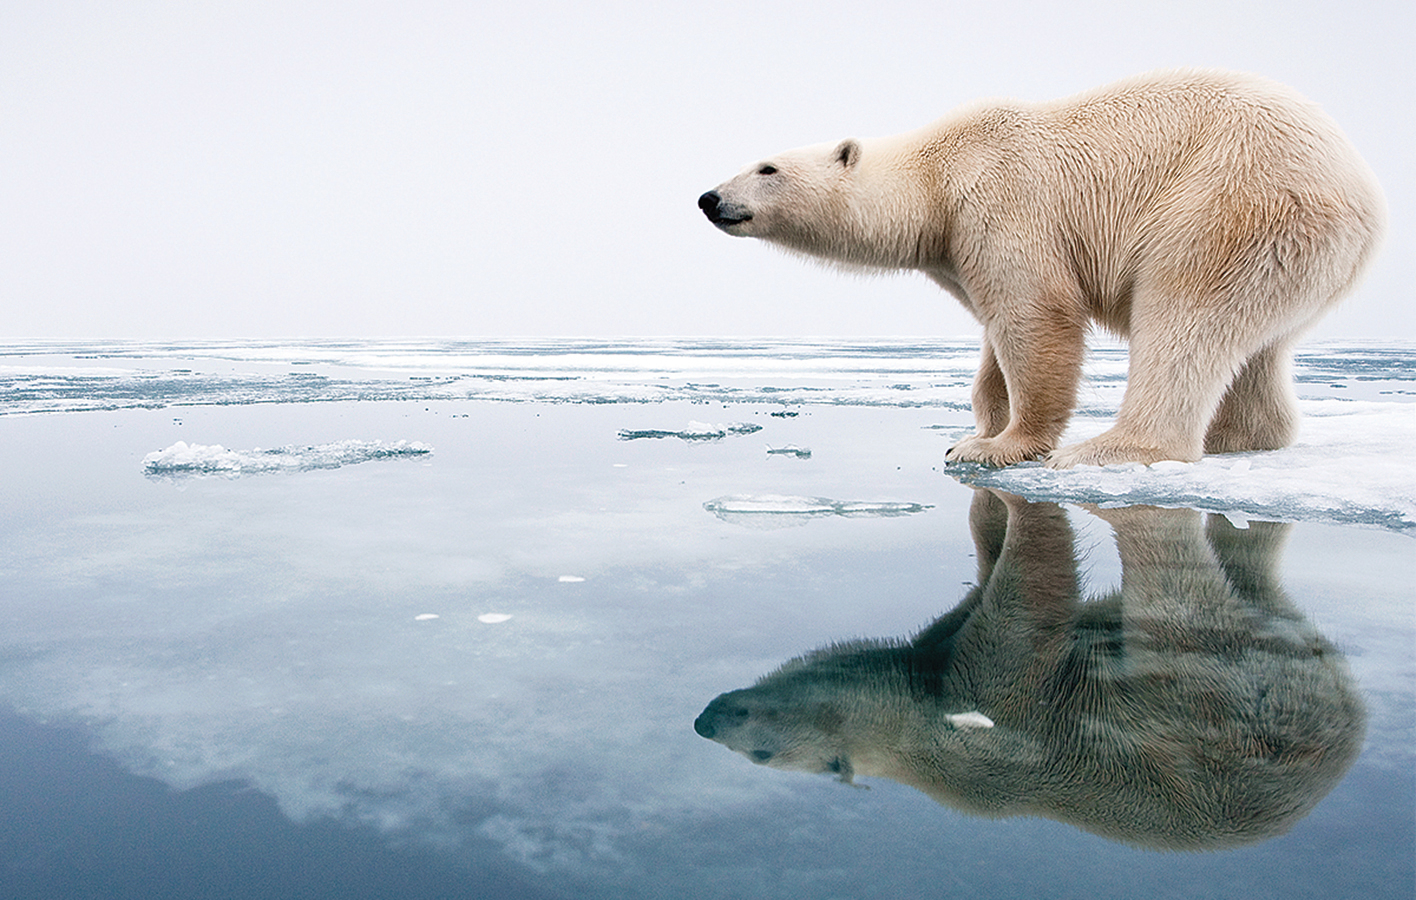 極地高溫,冰川消融,北極熊難逃活活餓死的結局。(AFP)